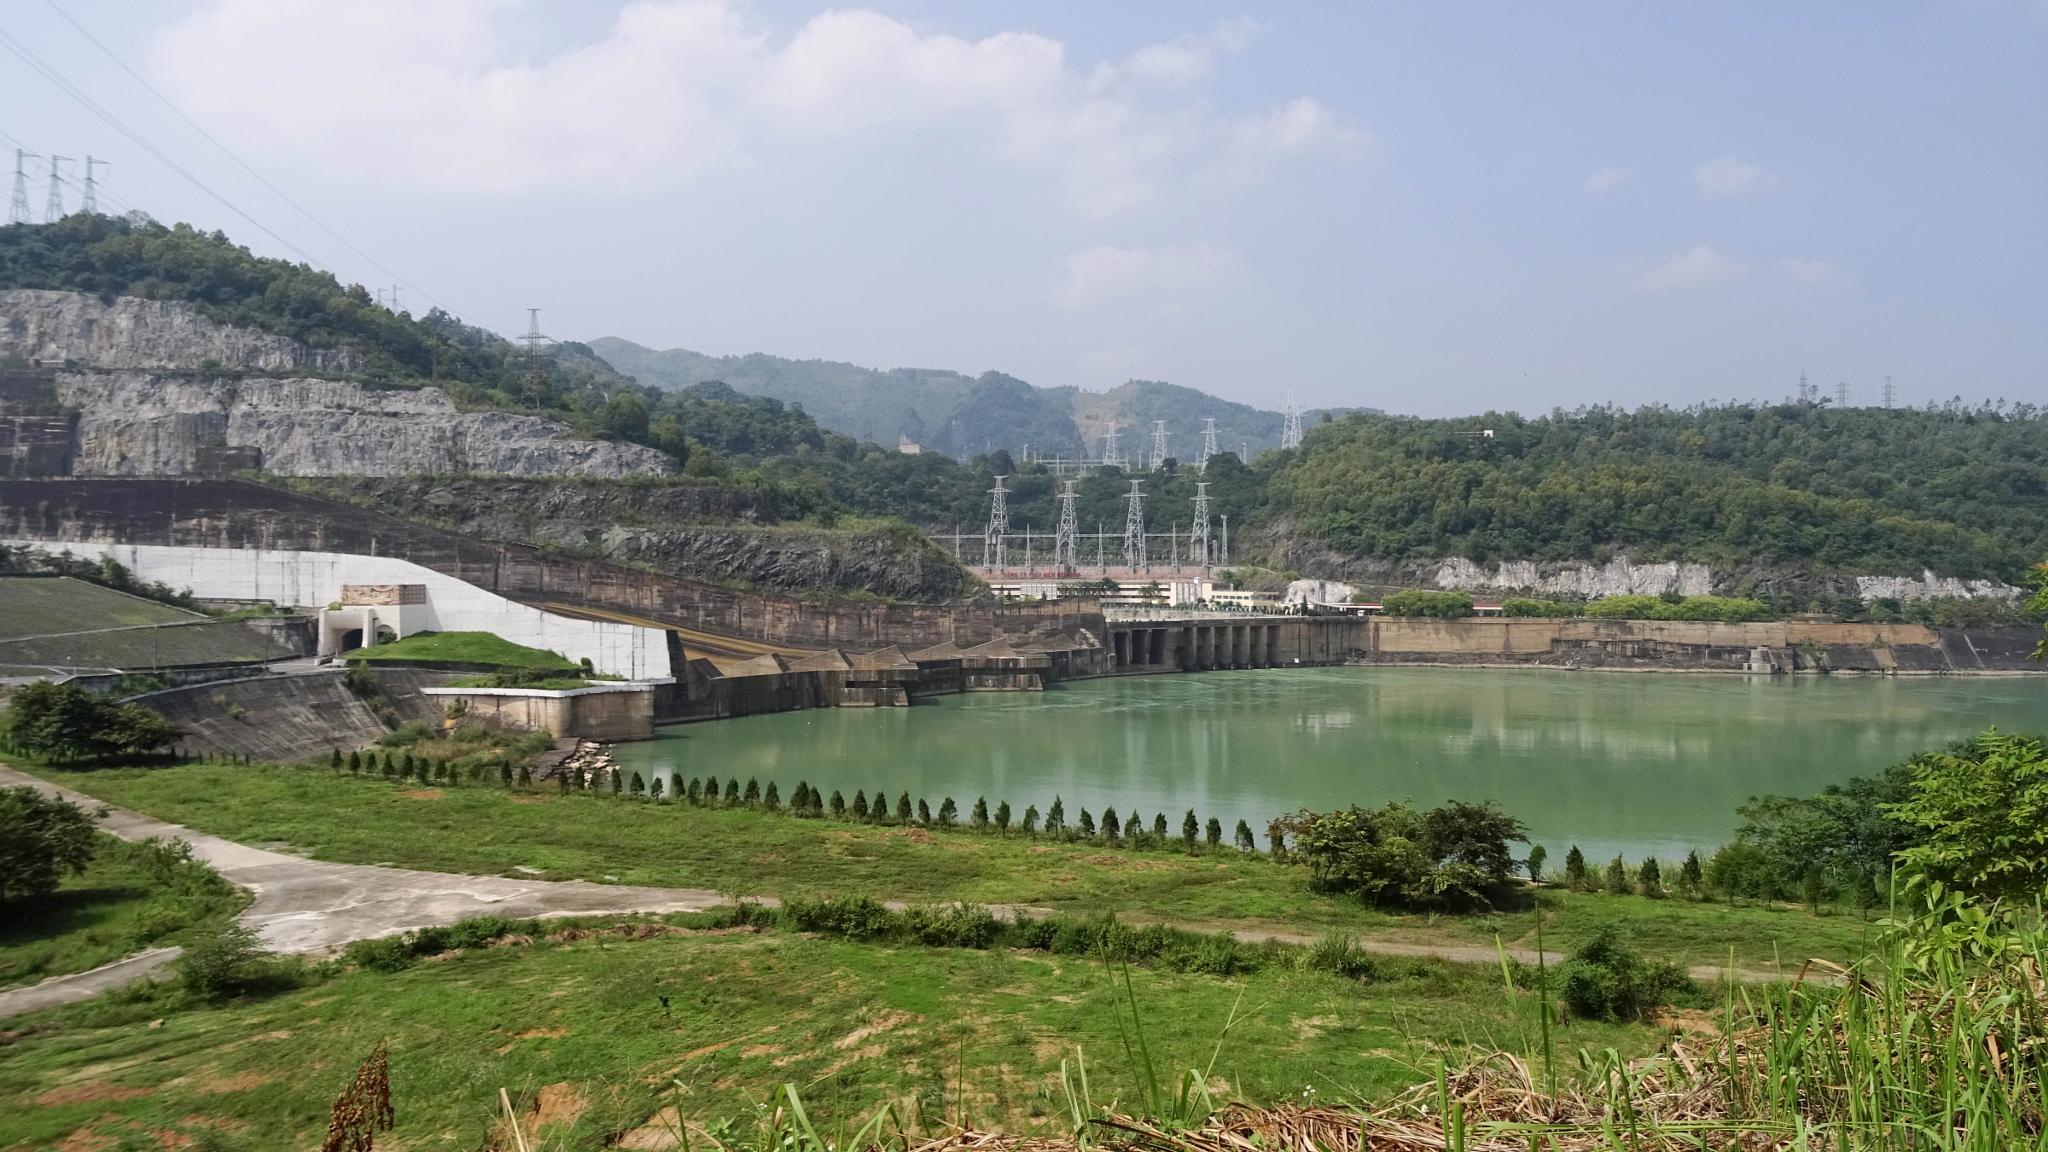 Hoa Binh Dam by Mars Ryan Hartdegen